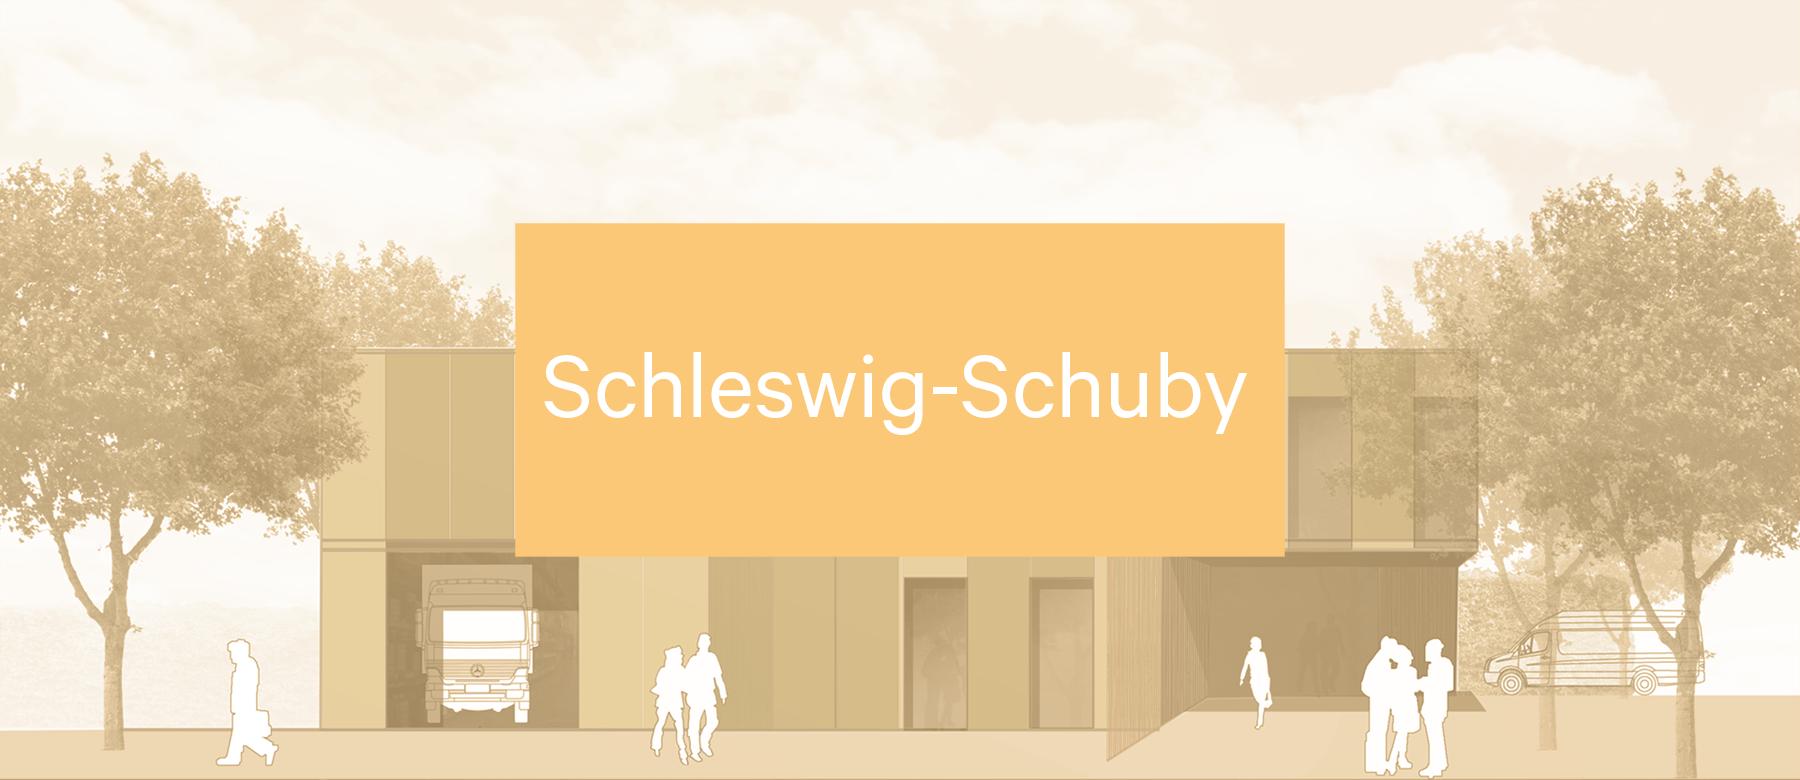 ecoeco_Bauen_Button03_SchleswigSchuby_aktiv